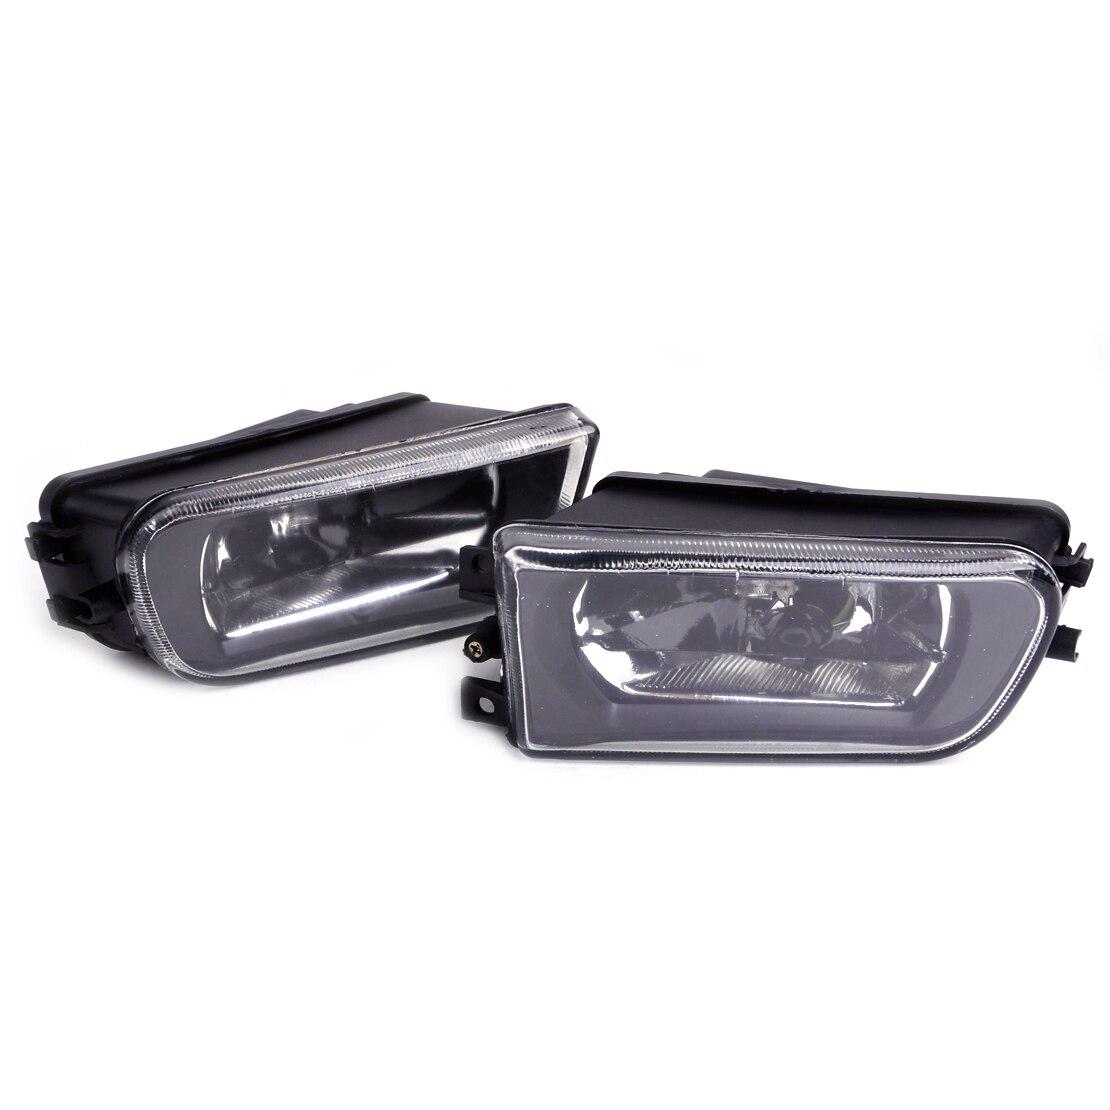 beler Left + Right Fog Light Lamp 63178360575 63178360576 Fit for BMW E36 Z3 E39 5 Series 528i 540i 535i 1997 1998 1999 2000 2pcs right left fog light lamp for b mw e39 5 series 528i 540i 535i 1997 2000 e36 z3 2001 63178360575 63178360576